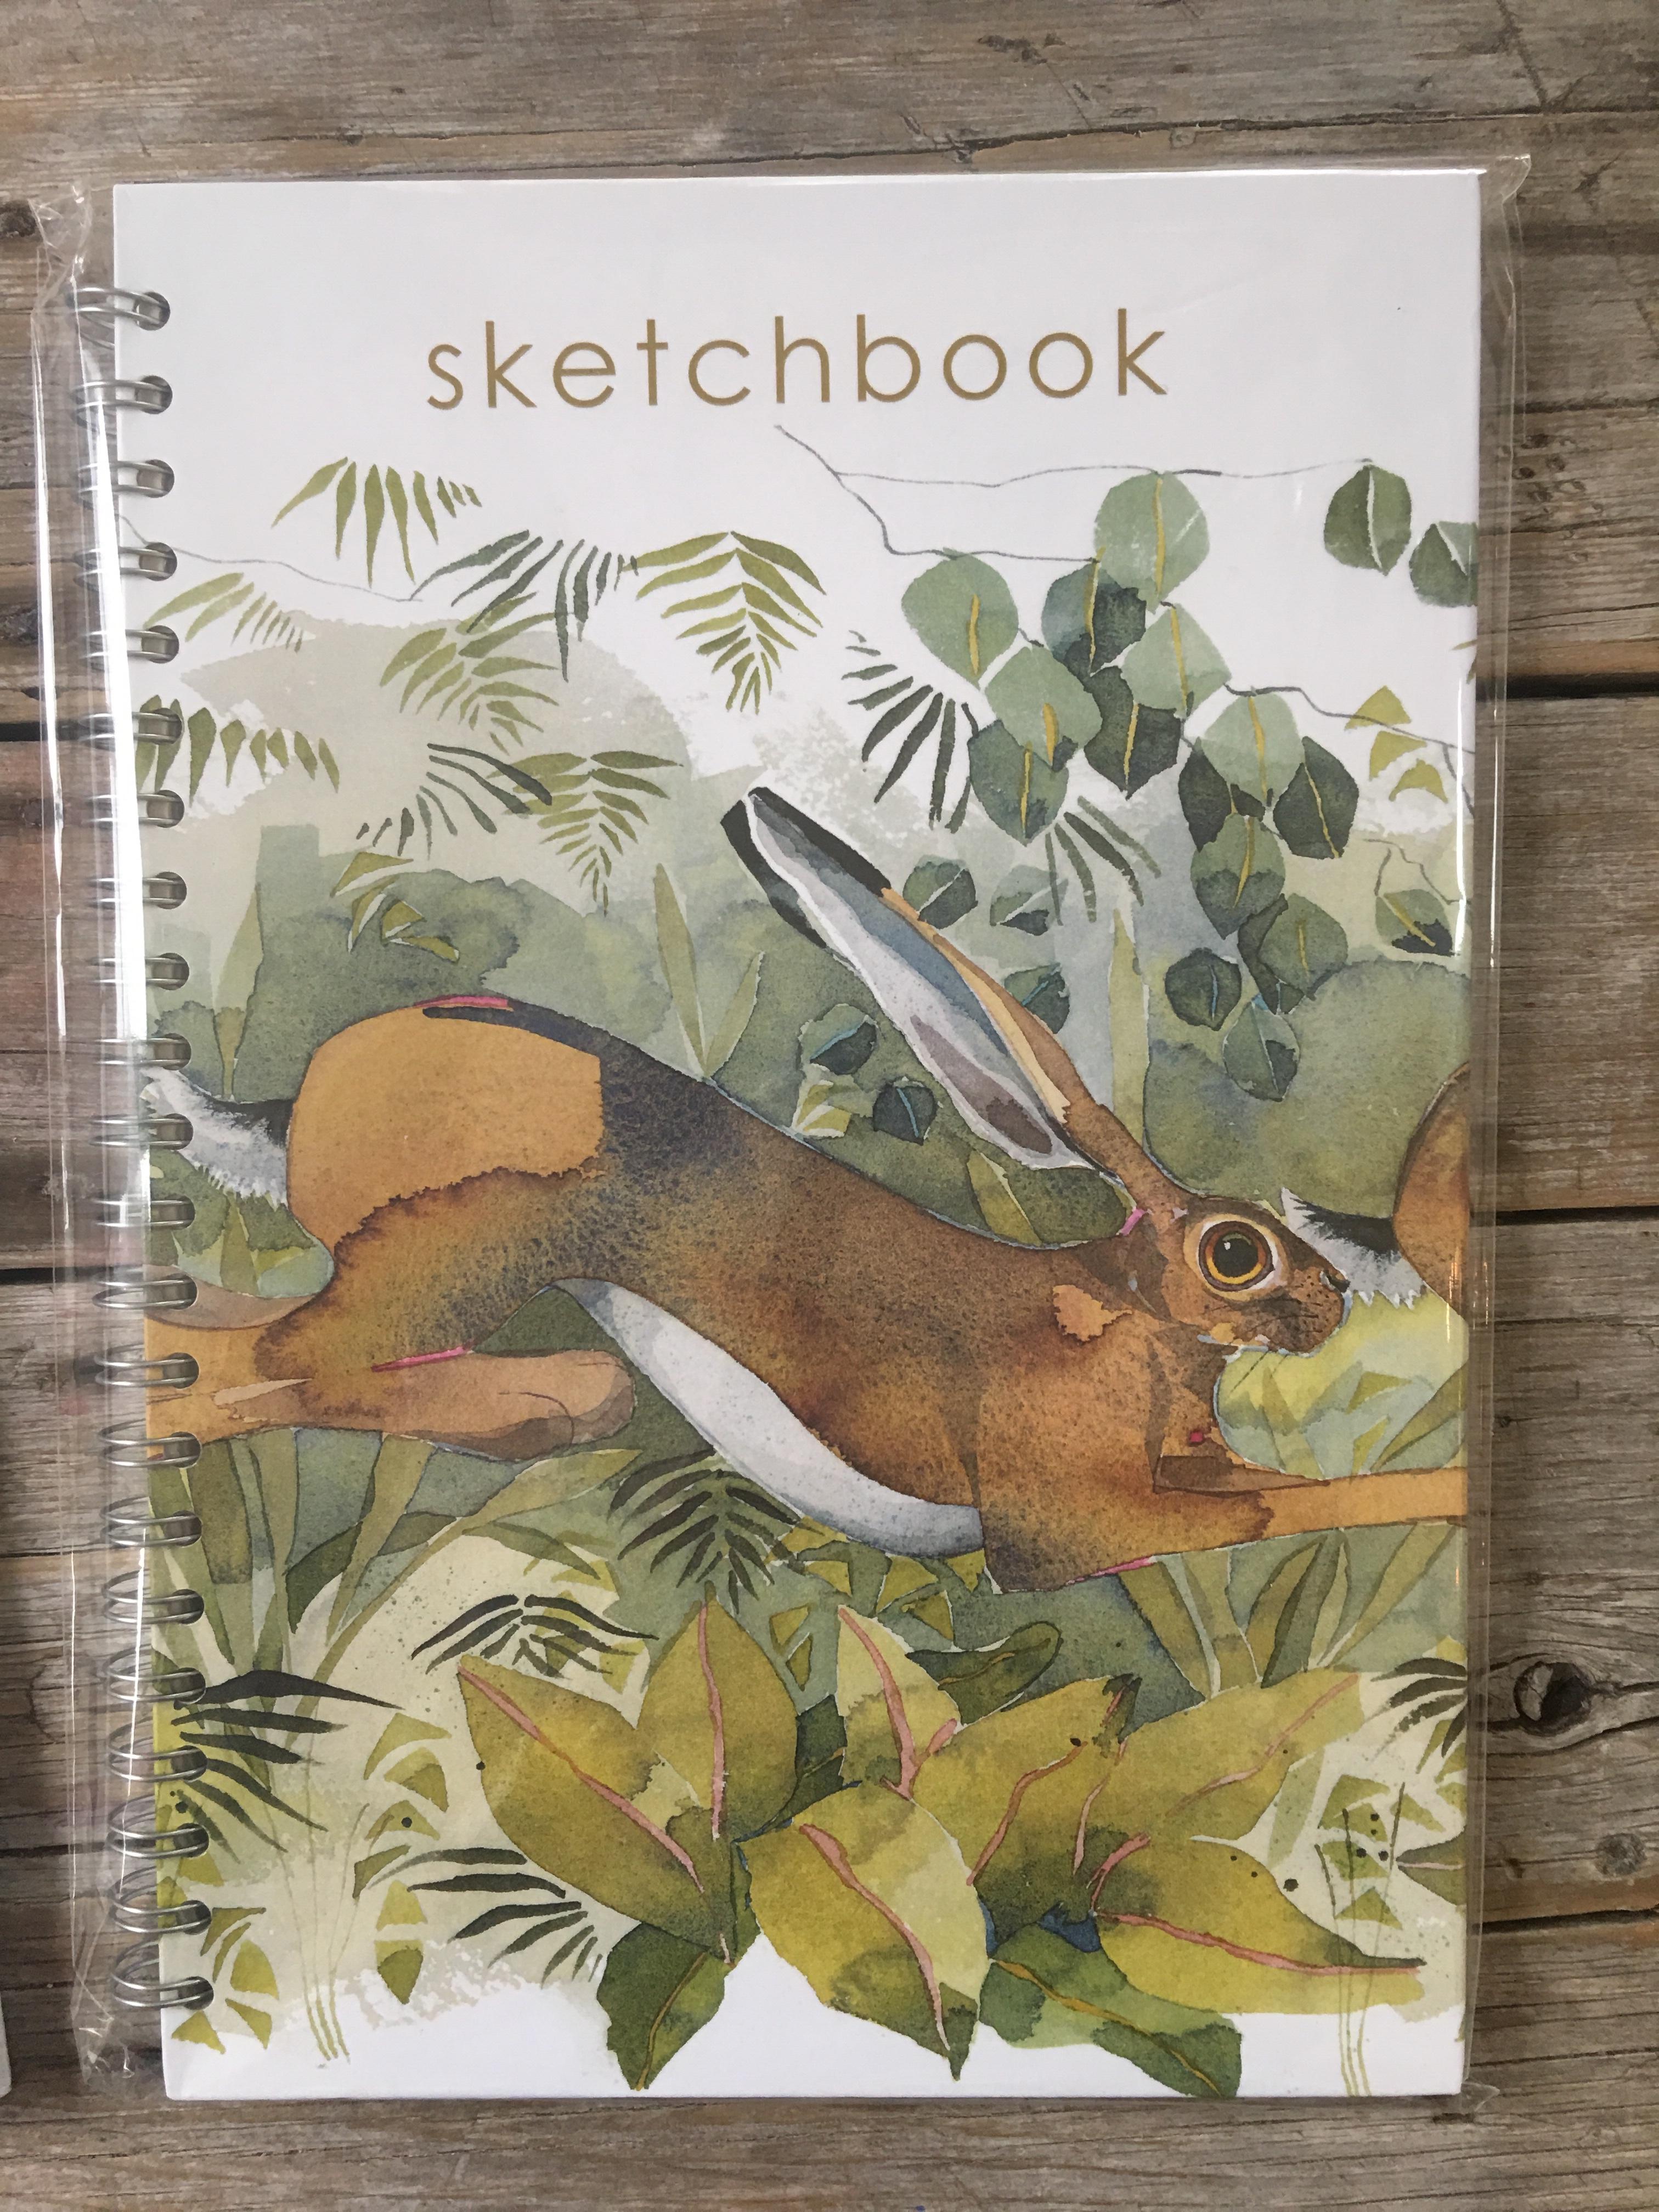 Sketchbook, Hares image